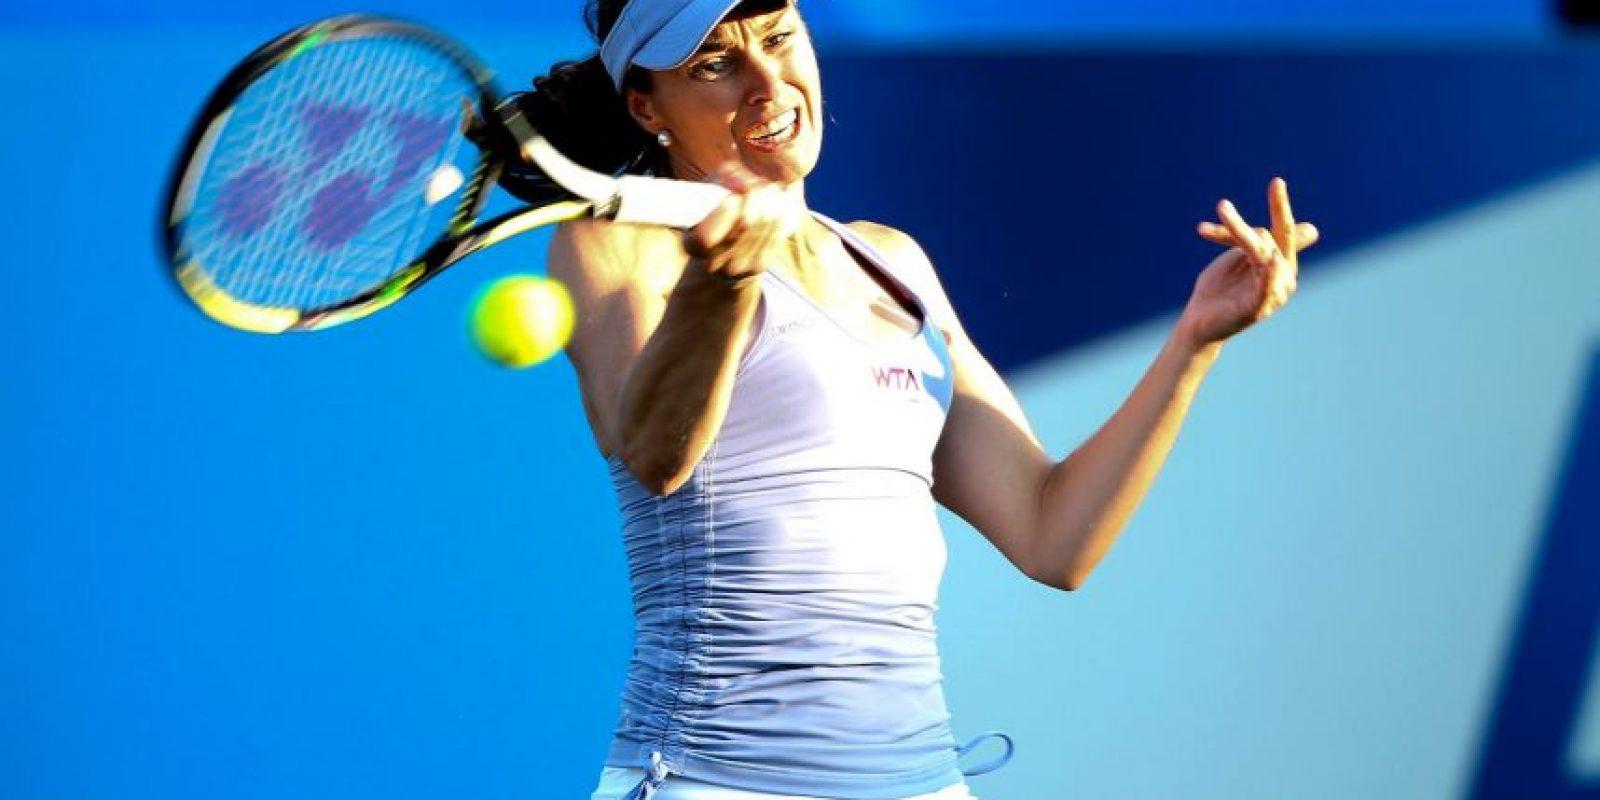 Martina Hingis: La tenista suiza confesó en 2007 que había dado positivo por cocaína y fue suspendida por dos años de las pistas. Foto:Getty